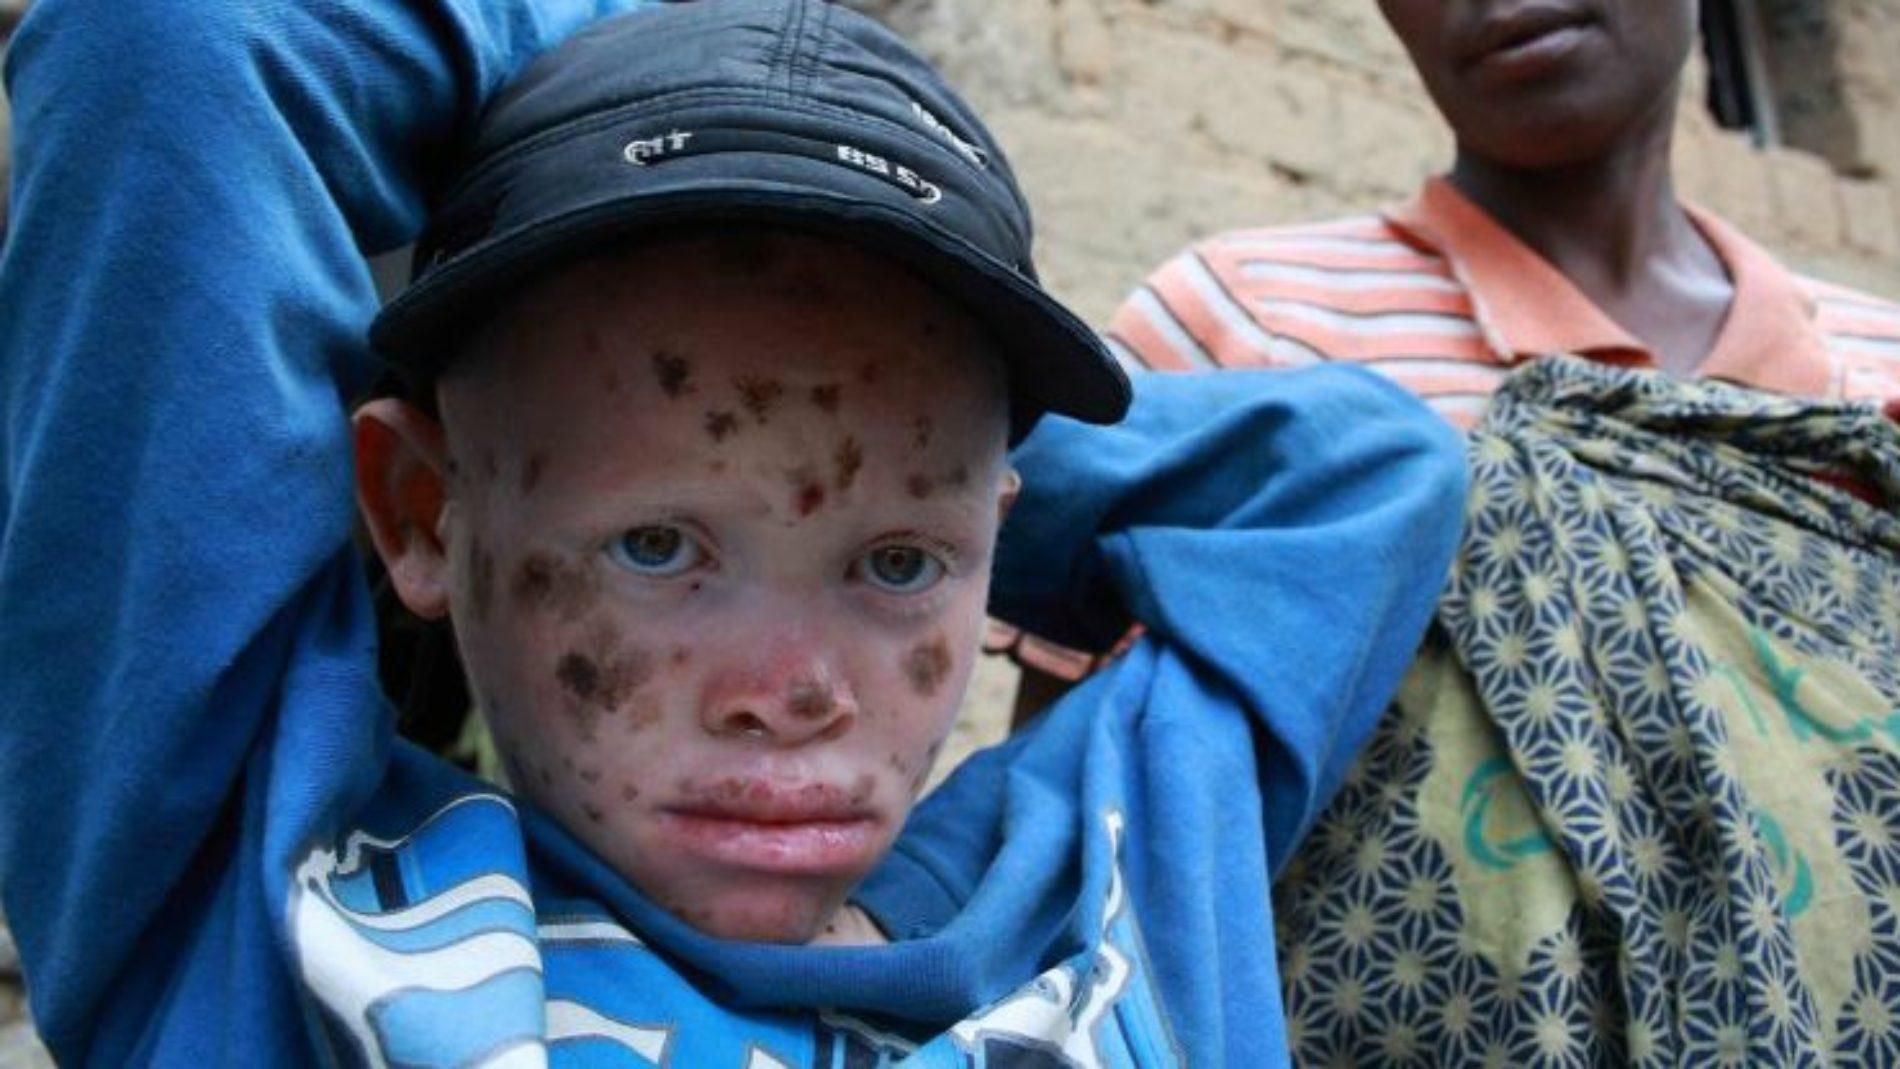 Cibitoke : sit-in devant le bureau du service national de renseignements pour demander justice pour Bonheur, l'albinos assassiné